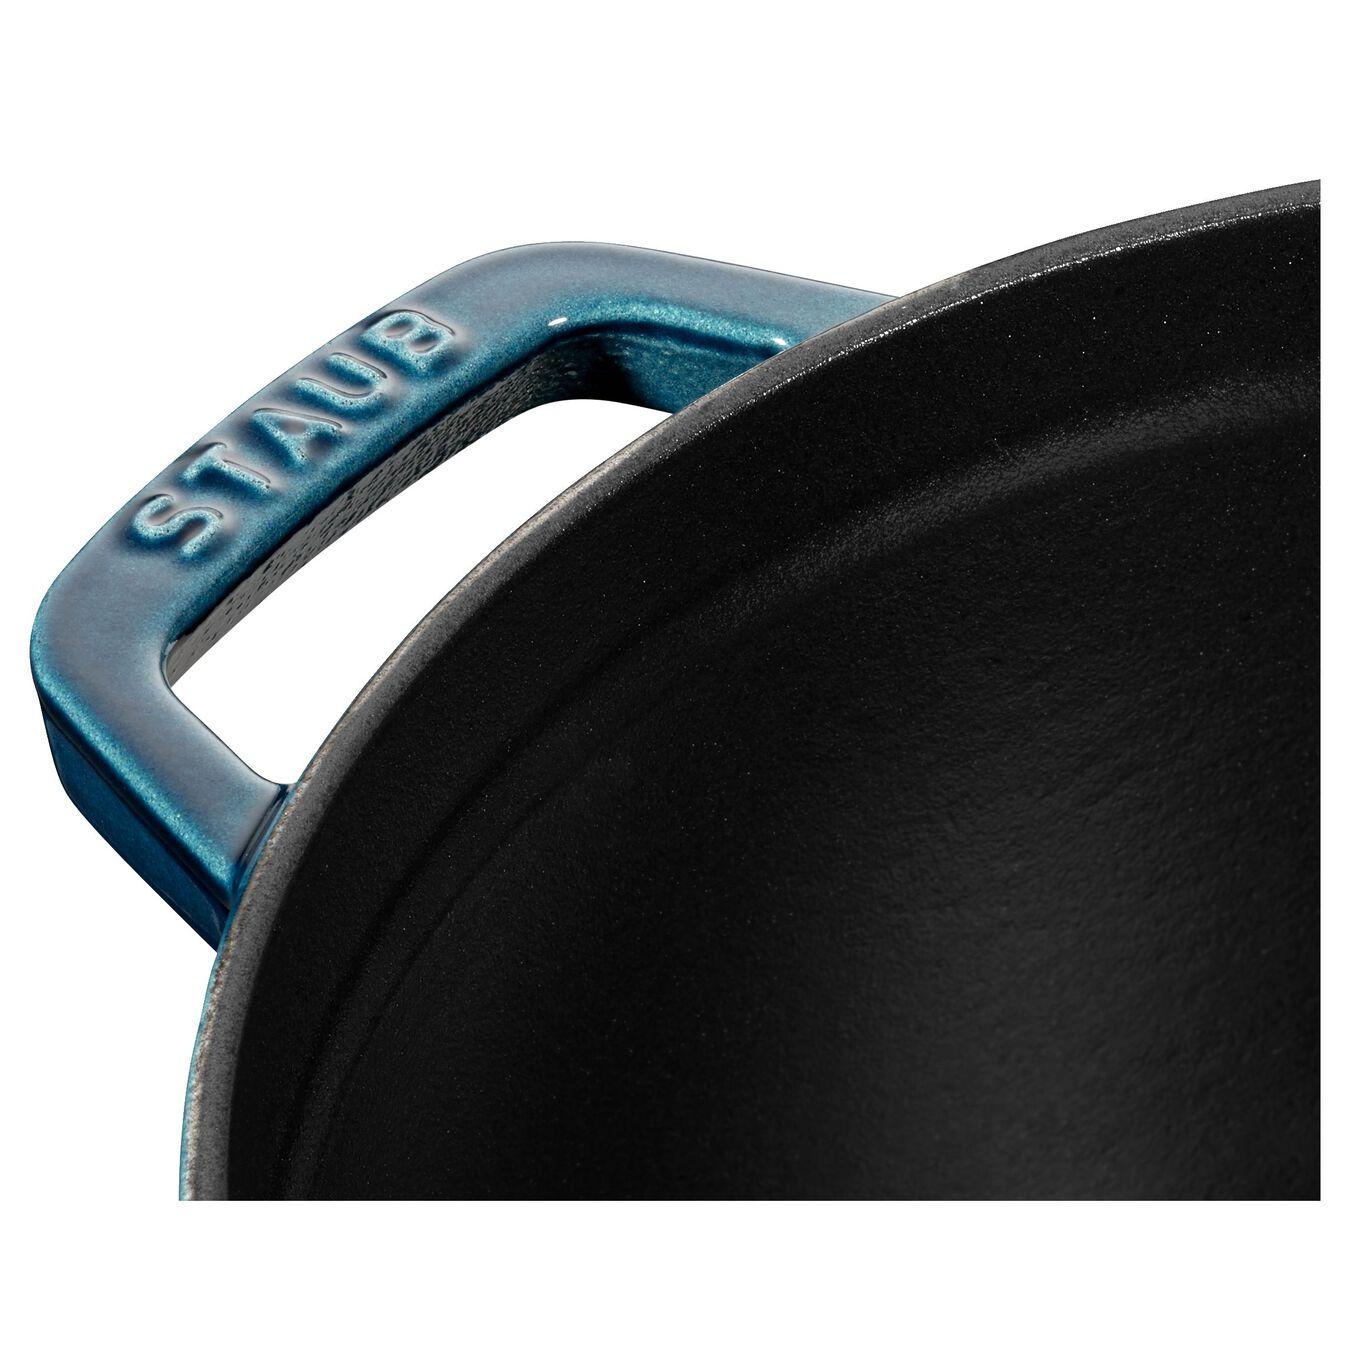 Cocotte en fonte 24 cm / 3,8 l, Rond, Blue La-Mer,,large 5